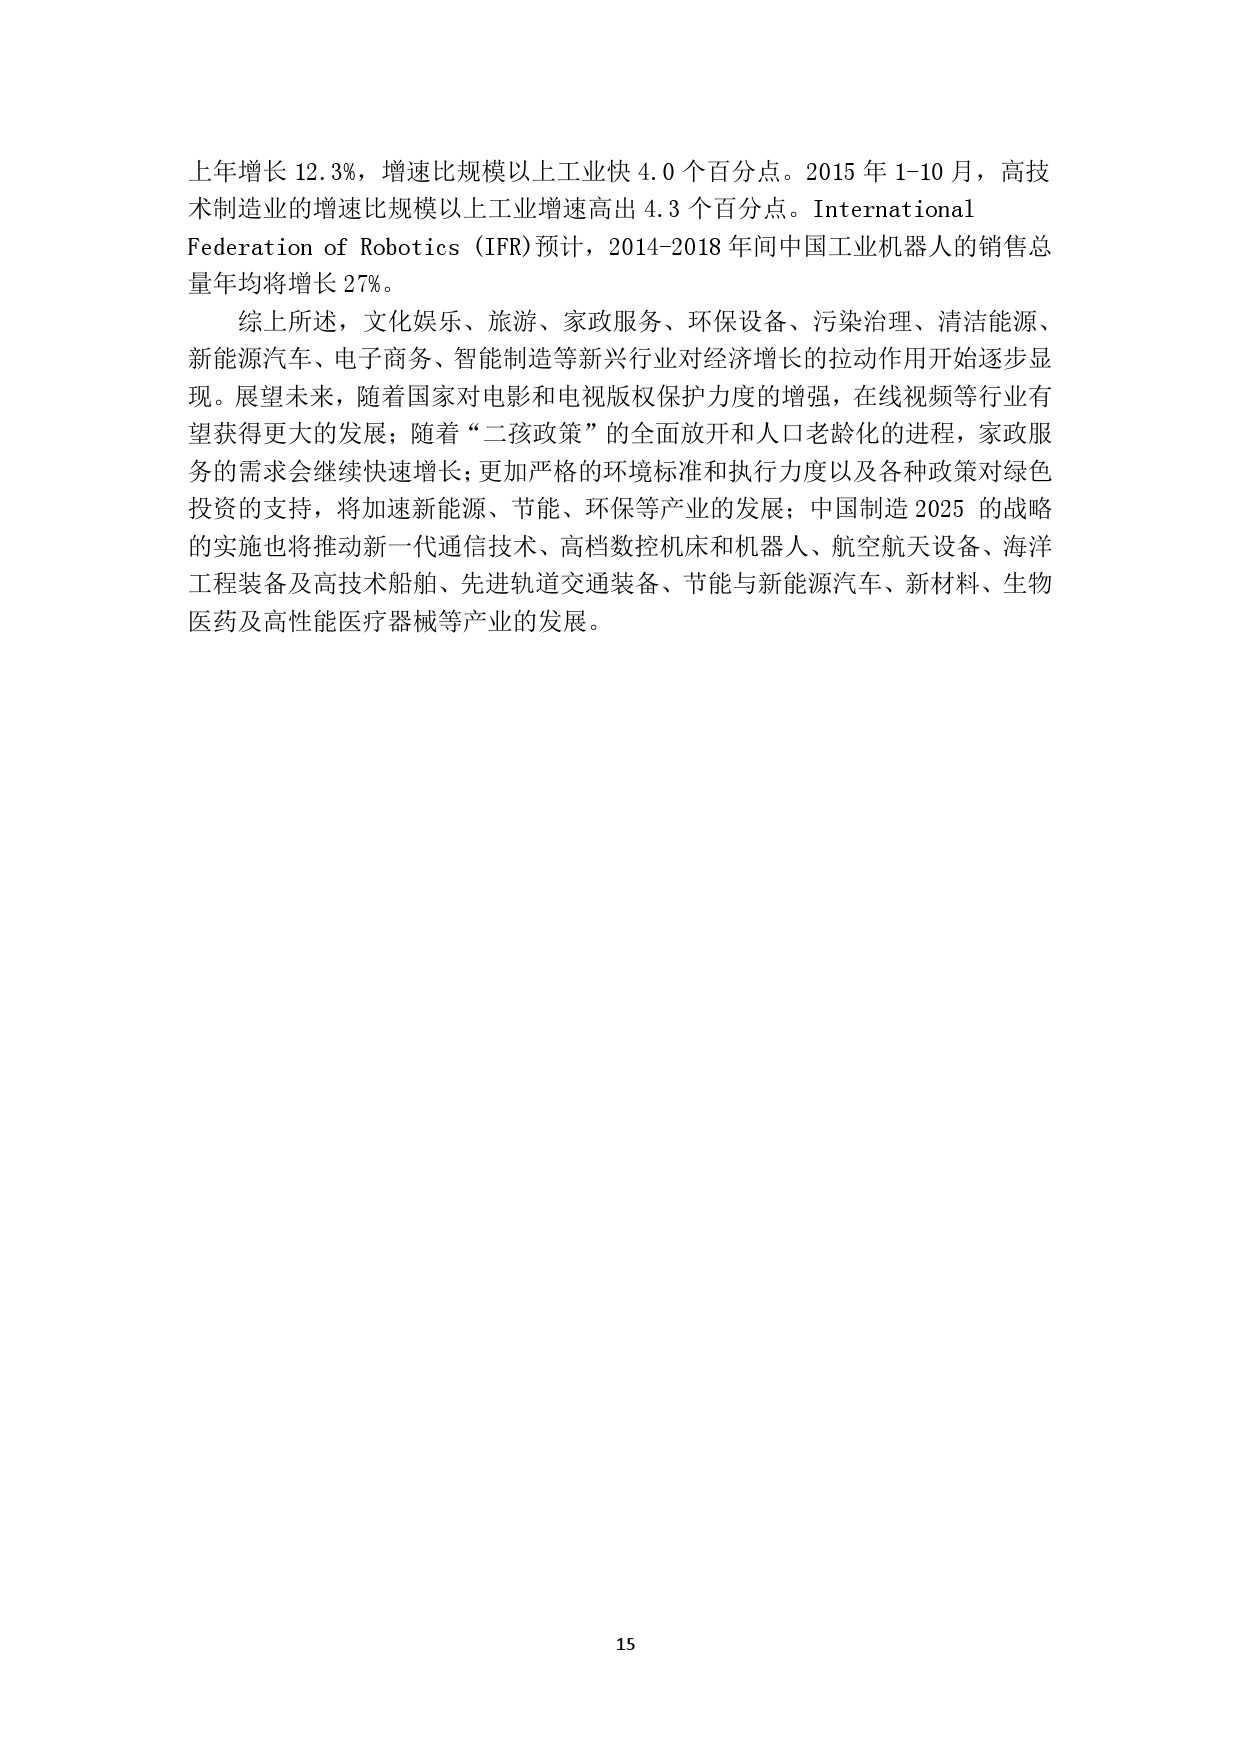 中国人民银行:2016 年中国宏观经济预测_000015